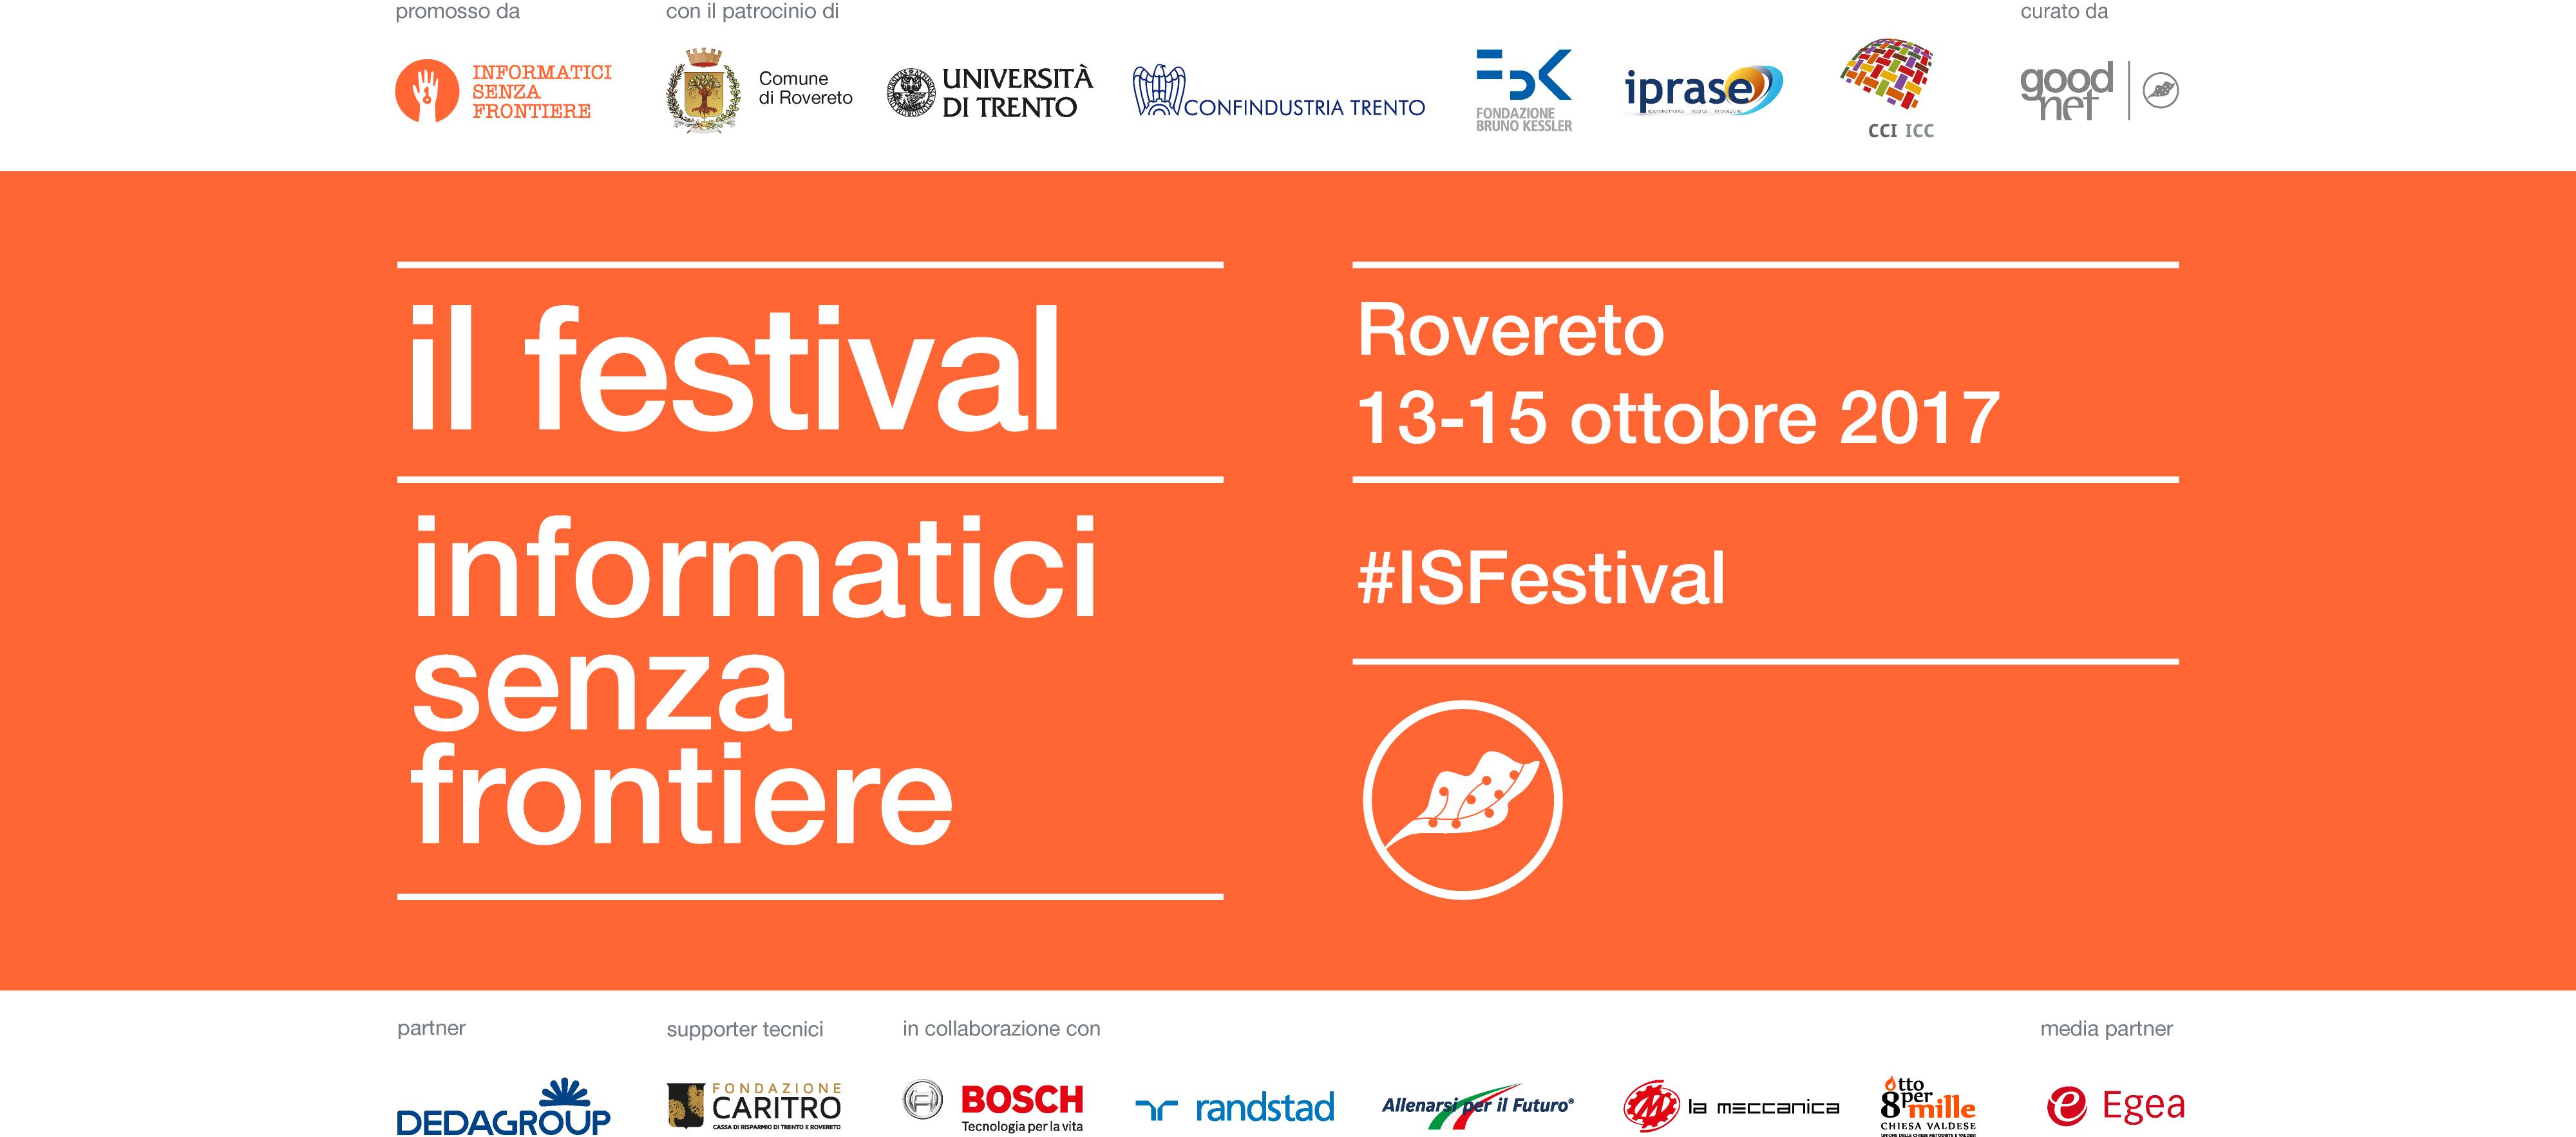 Bando borse di soggiorno - Festival di Informatici Senza Frontiere (Rovereto, 13 - 15 ottobre 2017)